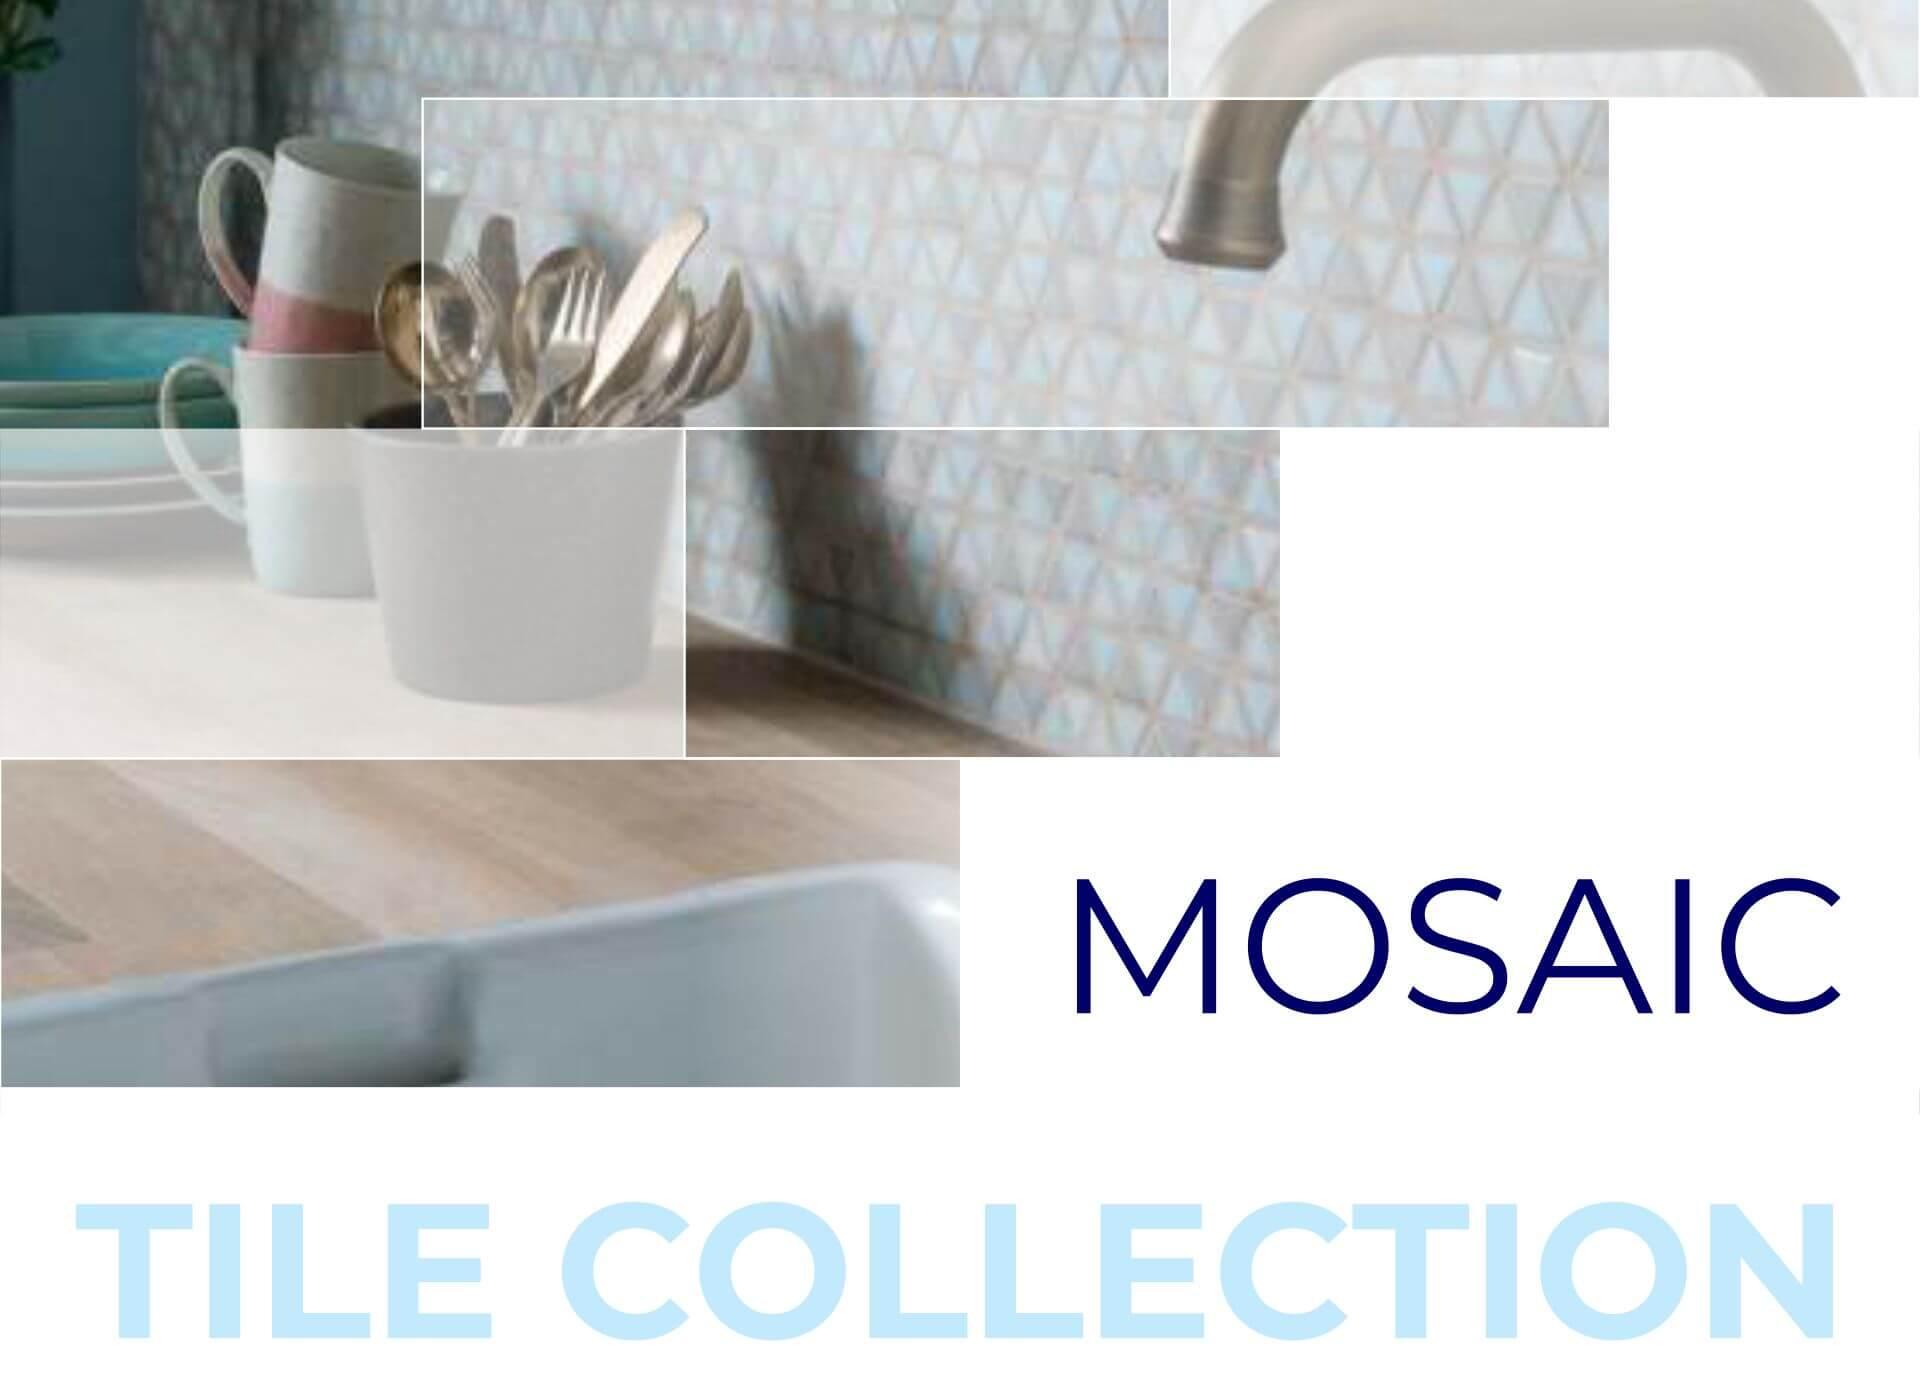 Mosaic-page (3)